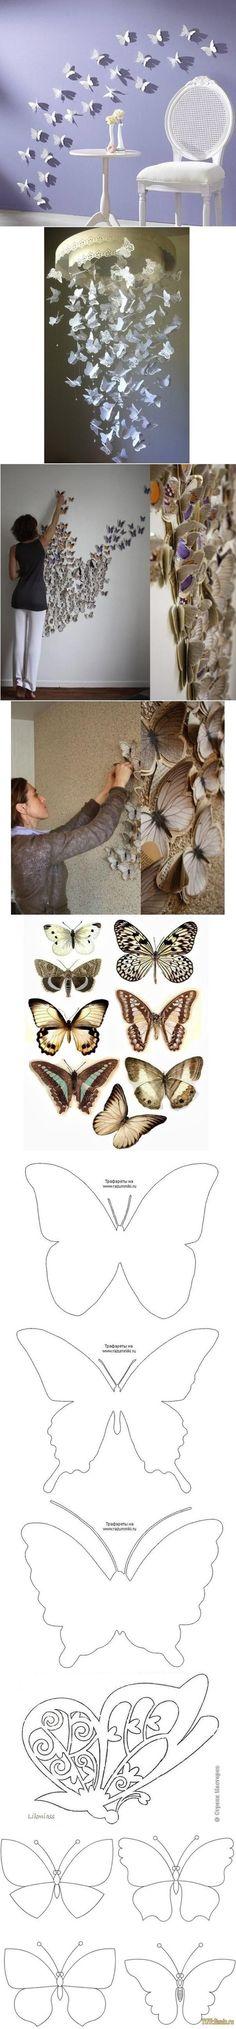 Decora con mariposas. Moldes e imagenes para imprimir y recortar